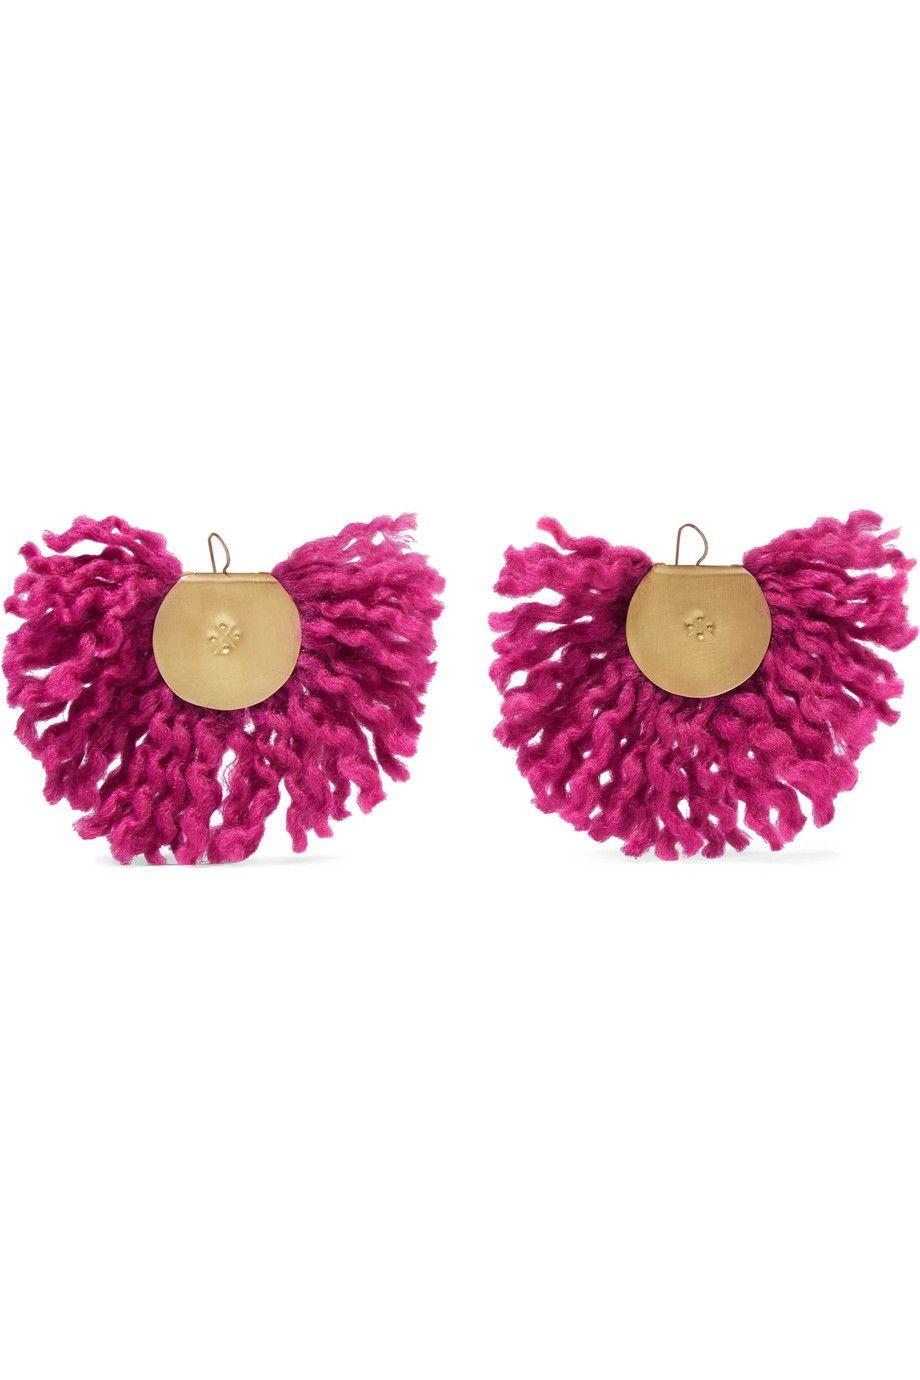 Katerina Makriyianni Fan Fringed Gold-tone Earrings - Pink erX8n8wQm2